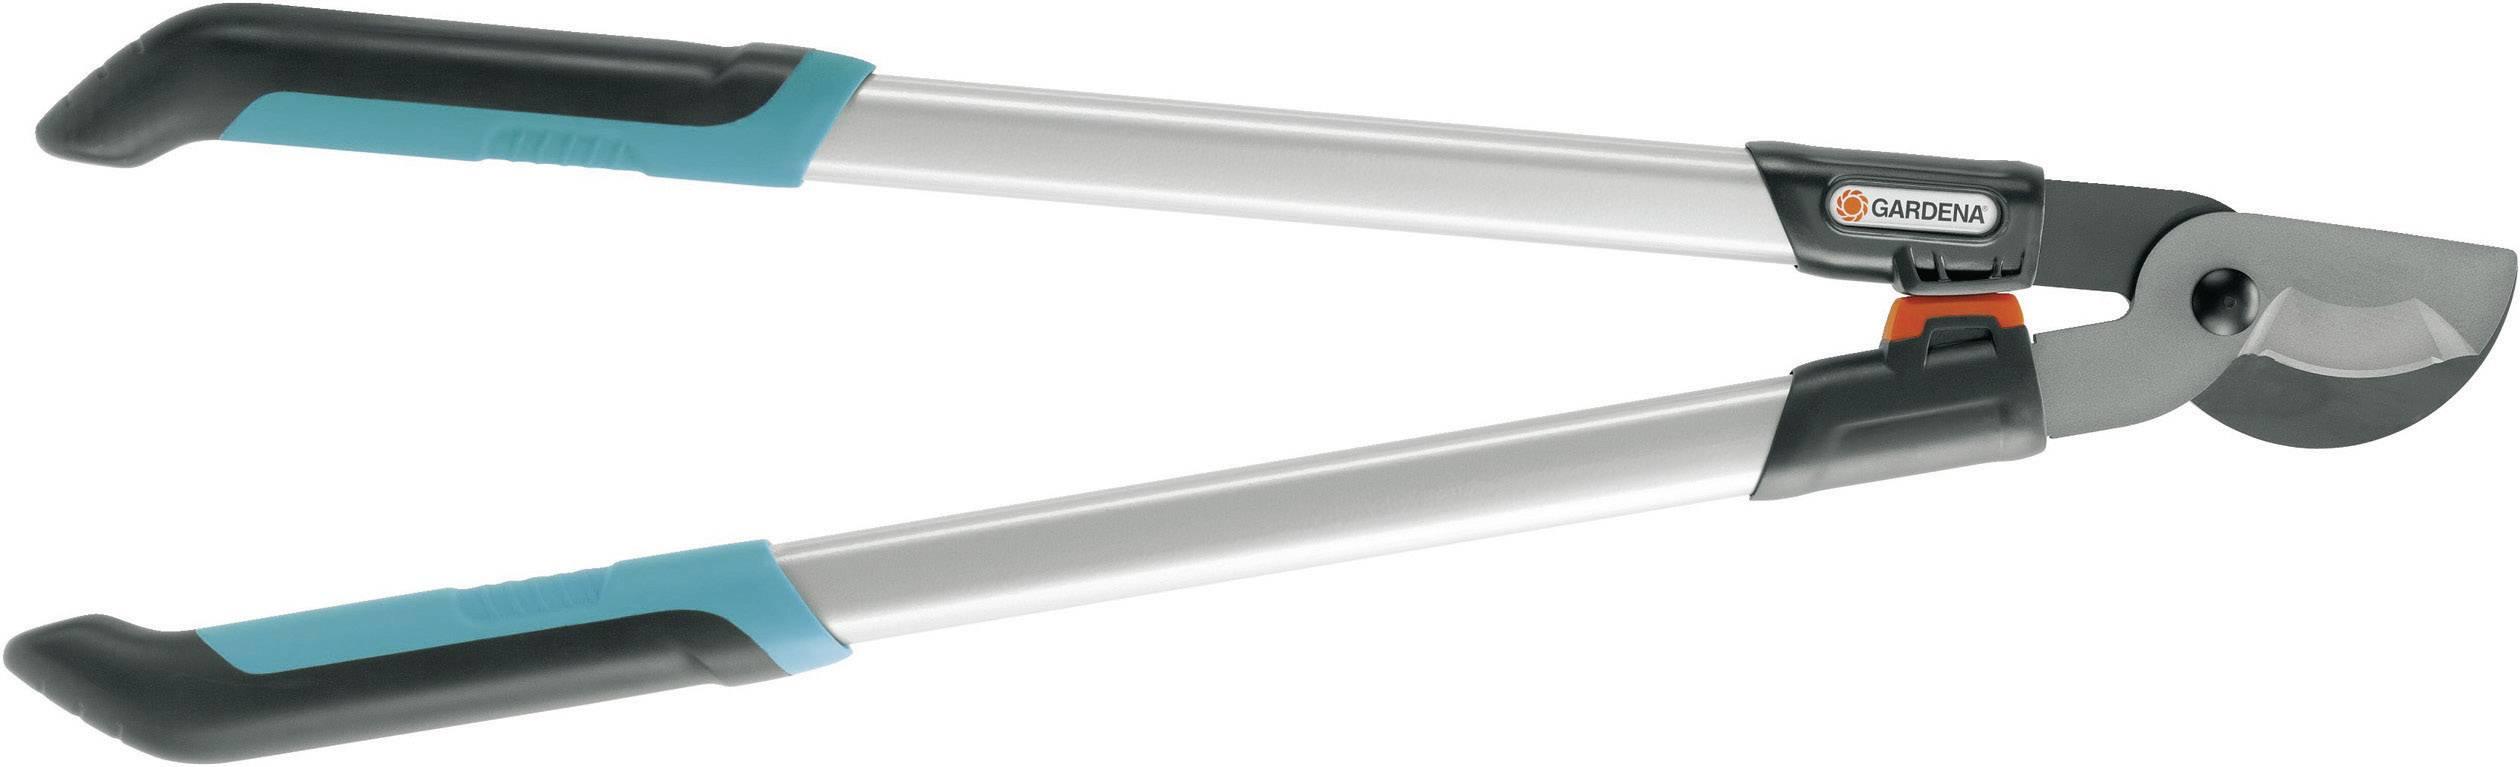 Nožnice na konáre GARDENA Classic 680B, 680 mm